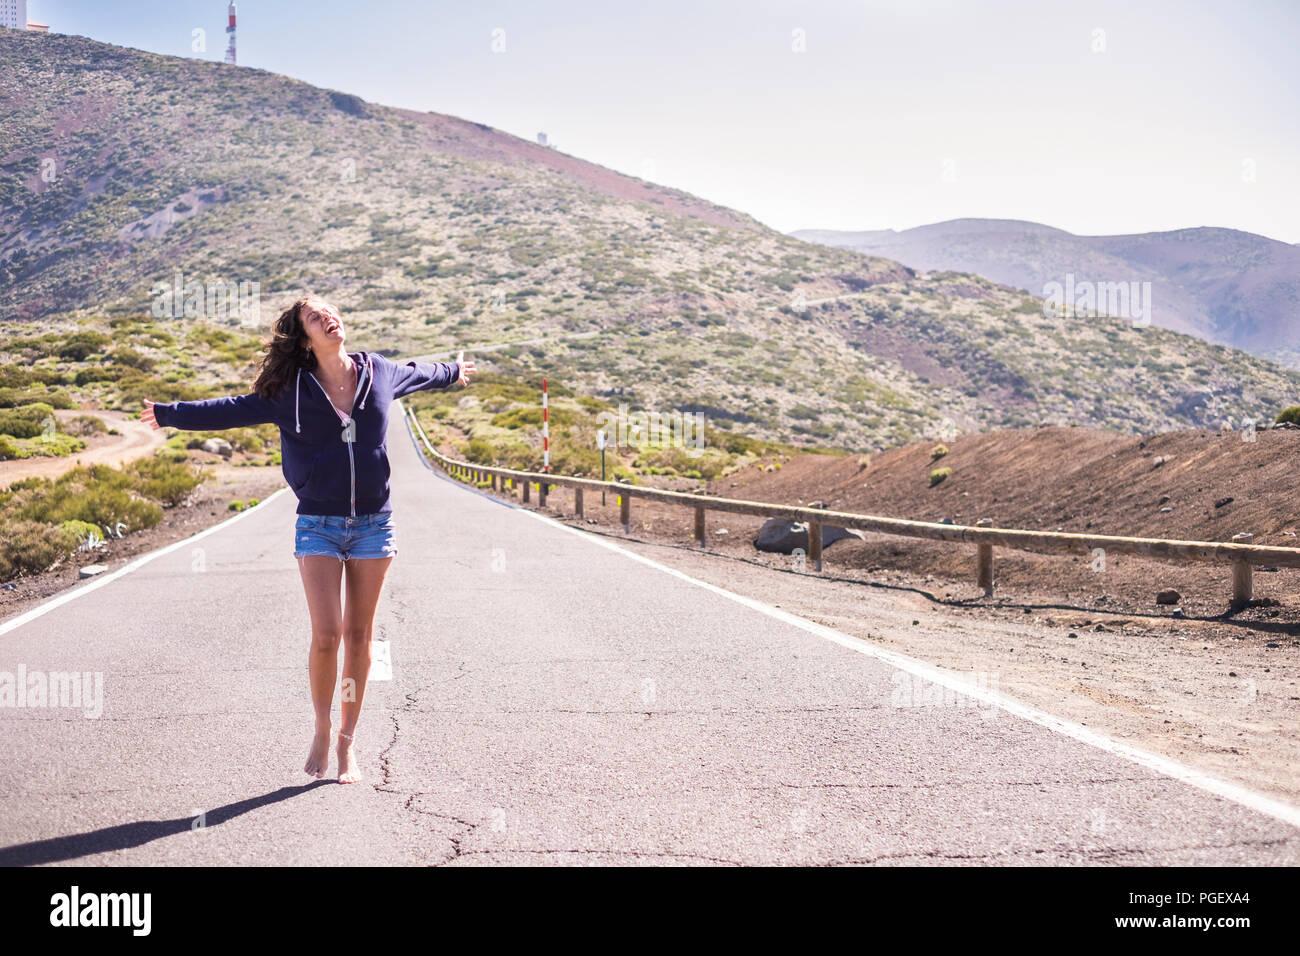 Schöne junge Frau barfuß über einen langen Weg Straße am Berge. Glück und freudige Konzept für kaukasische Modell mit schönen Beinen und Shorts. Stockbild